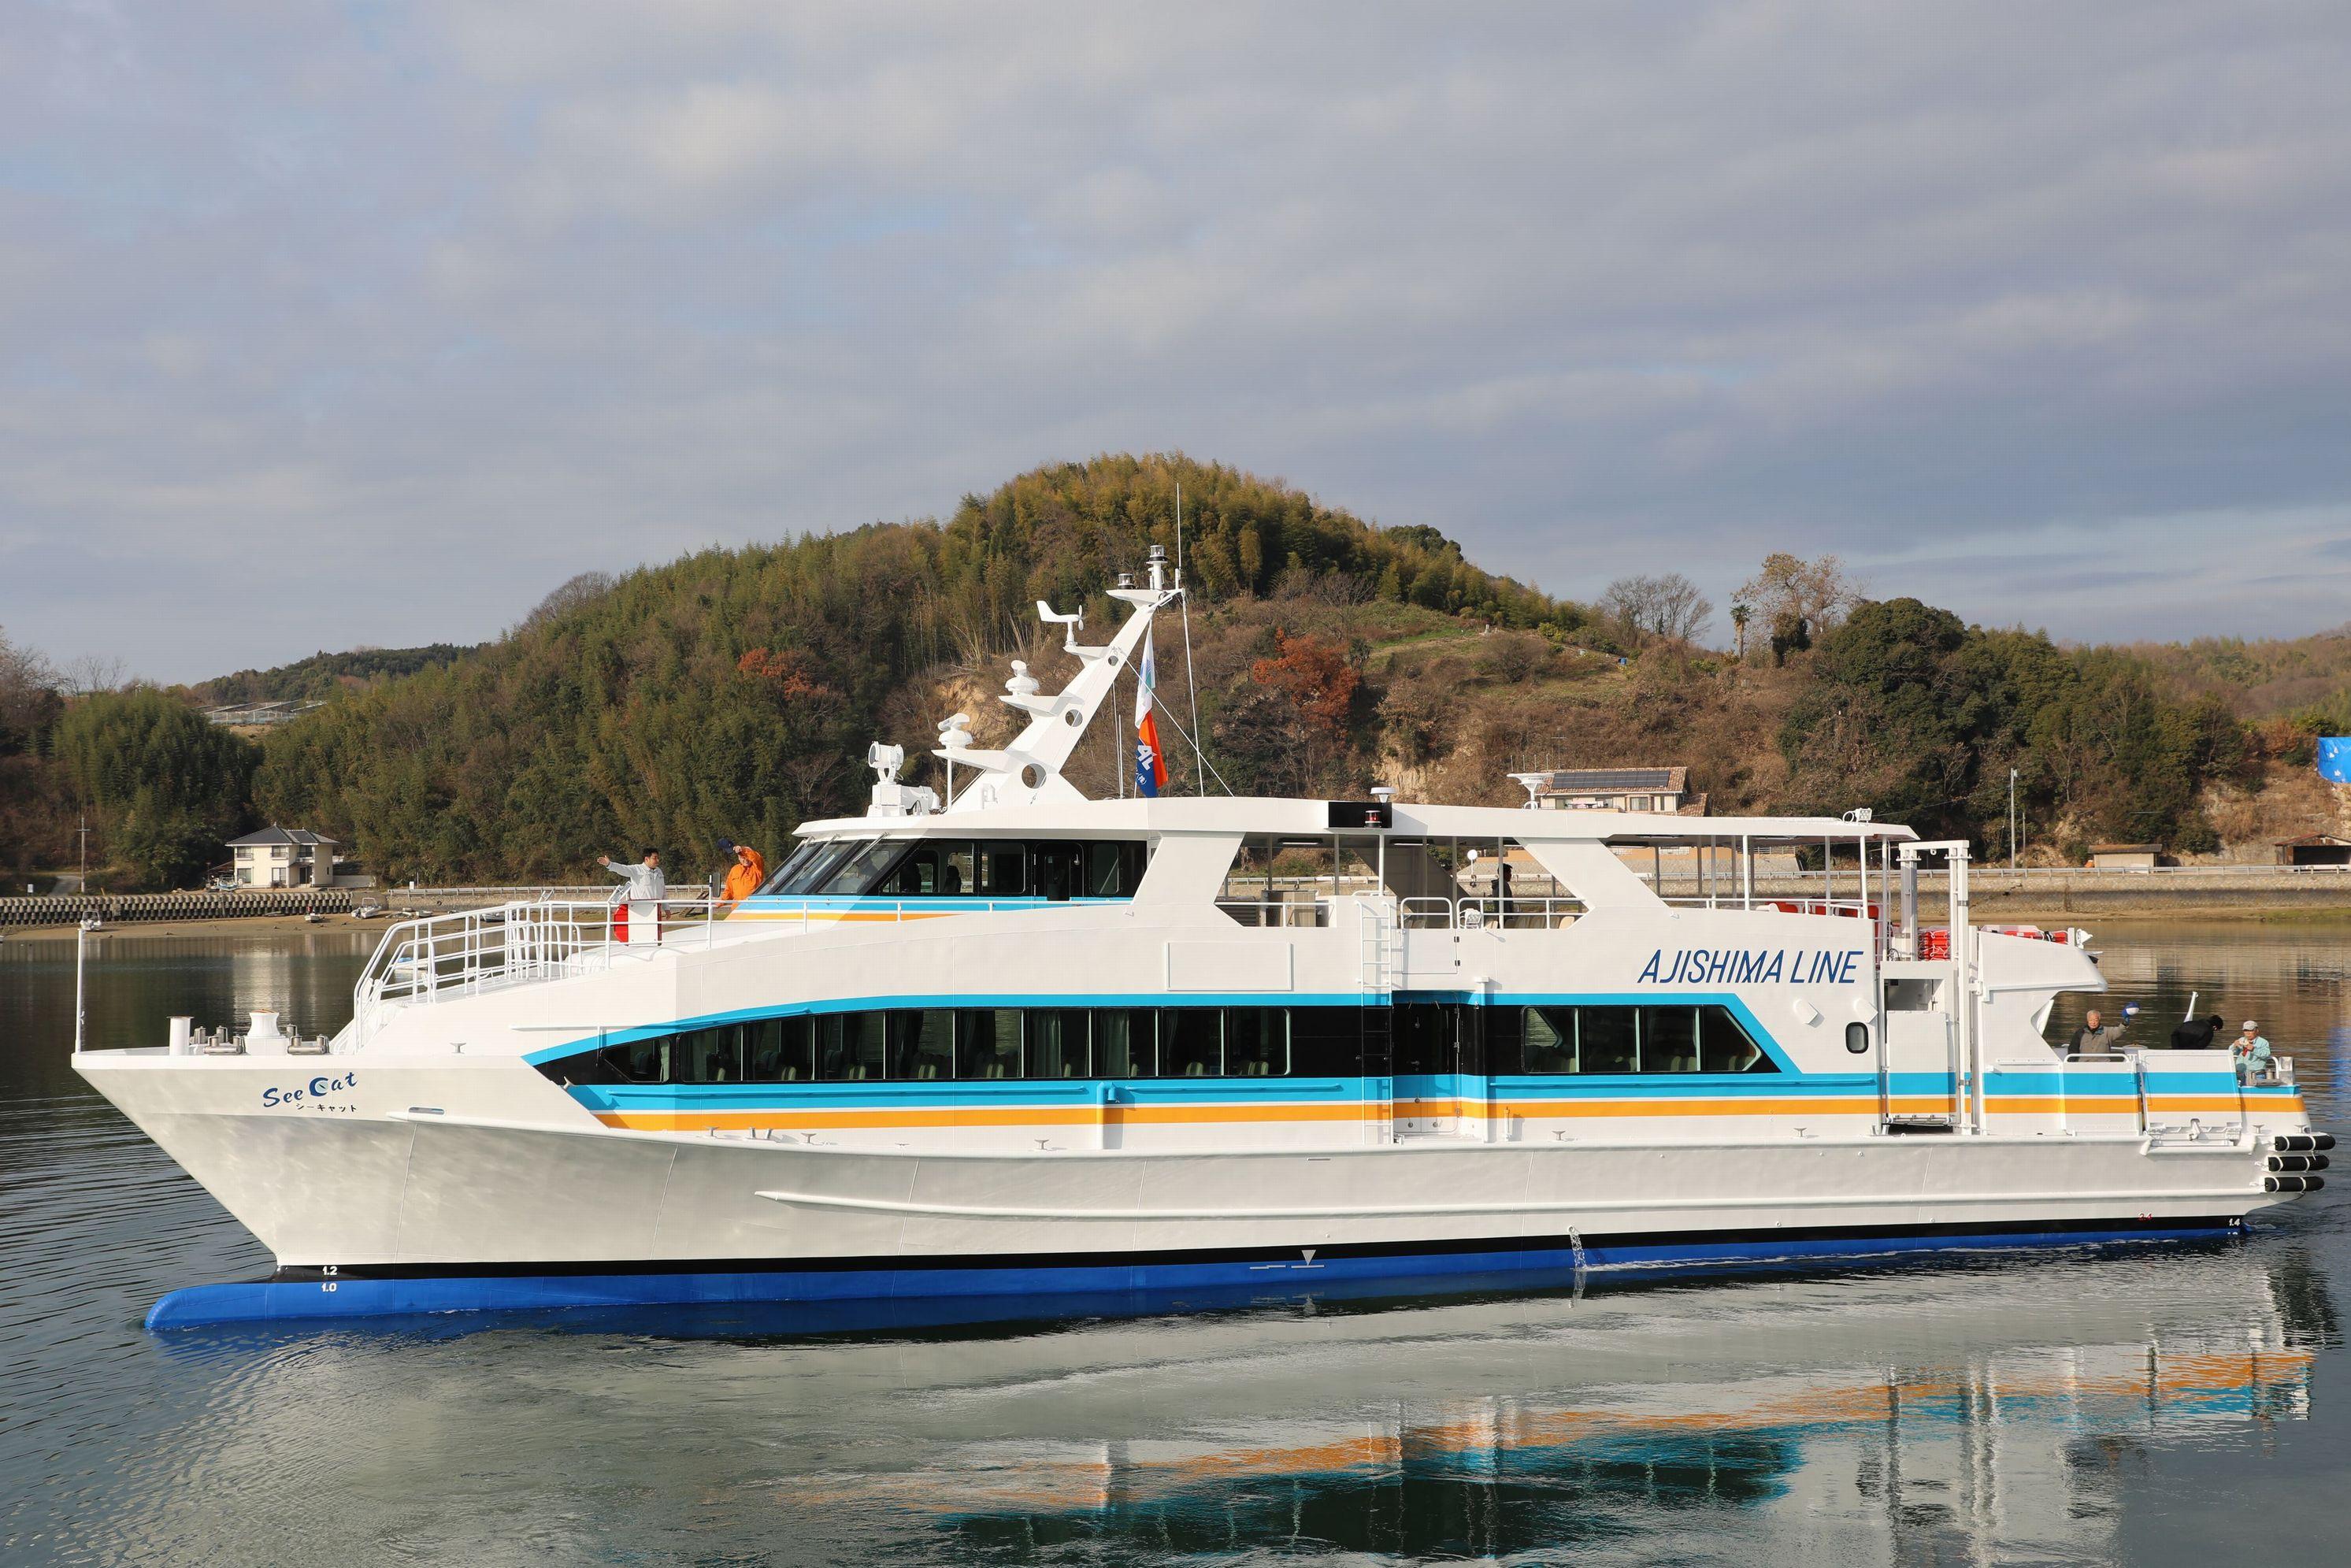 ツネイシクラフト&ファシリティーズ 網地島ライン向け旅客船「シーキャット」を竣工・引渡